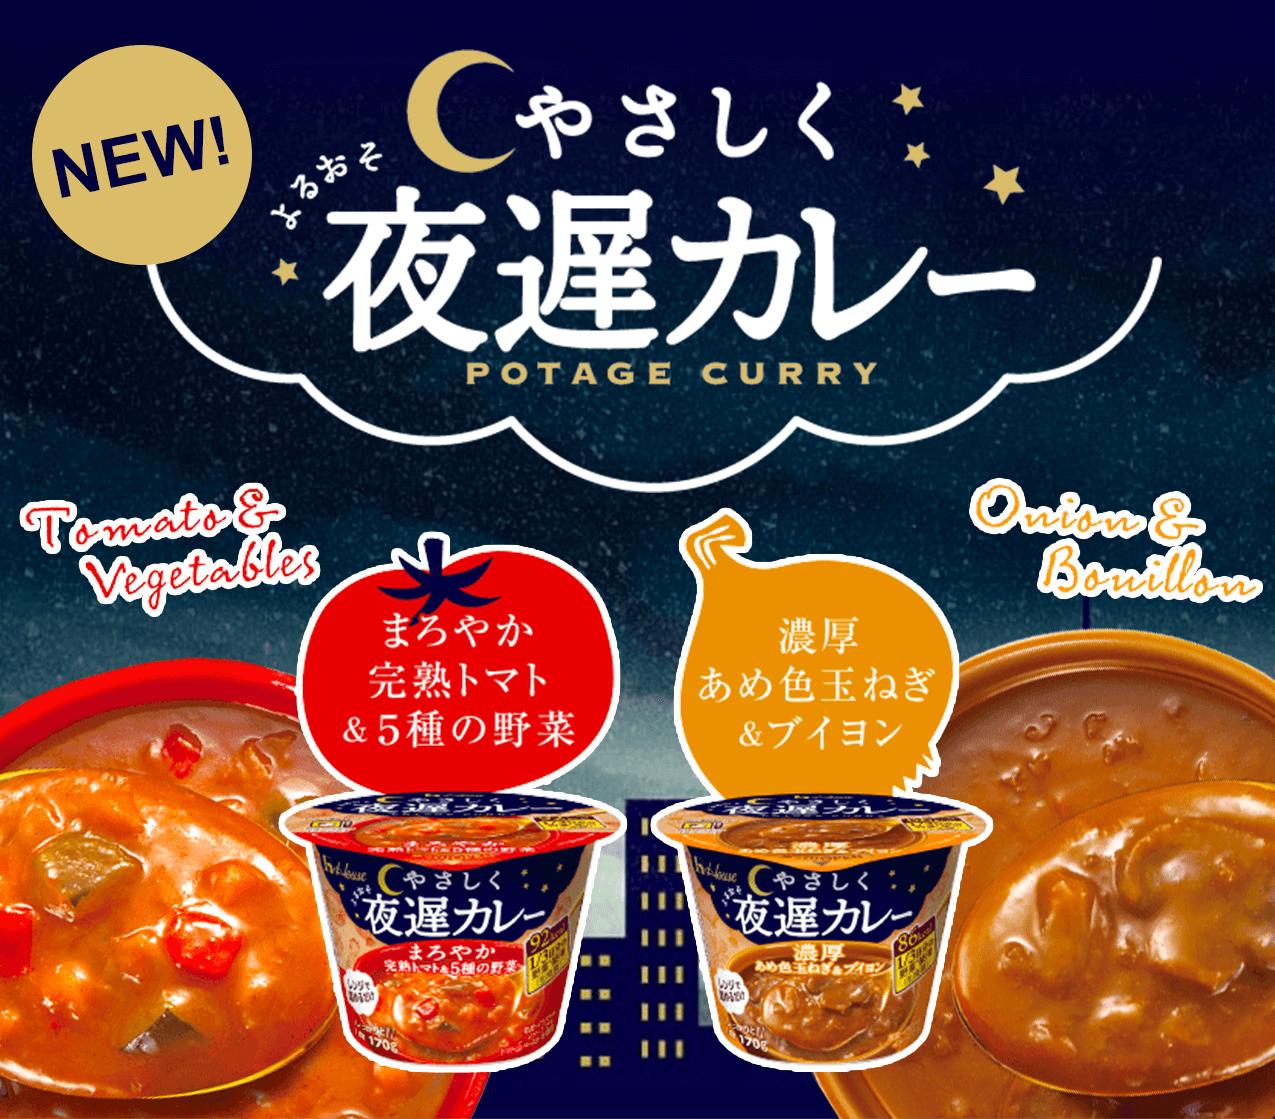 やさしく夜遅カレー まろやか完熟トマト&5種の野菜,  濃厚あめ色玉ねぎ&ブイヨン